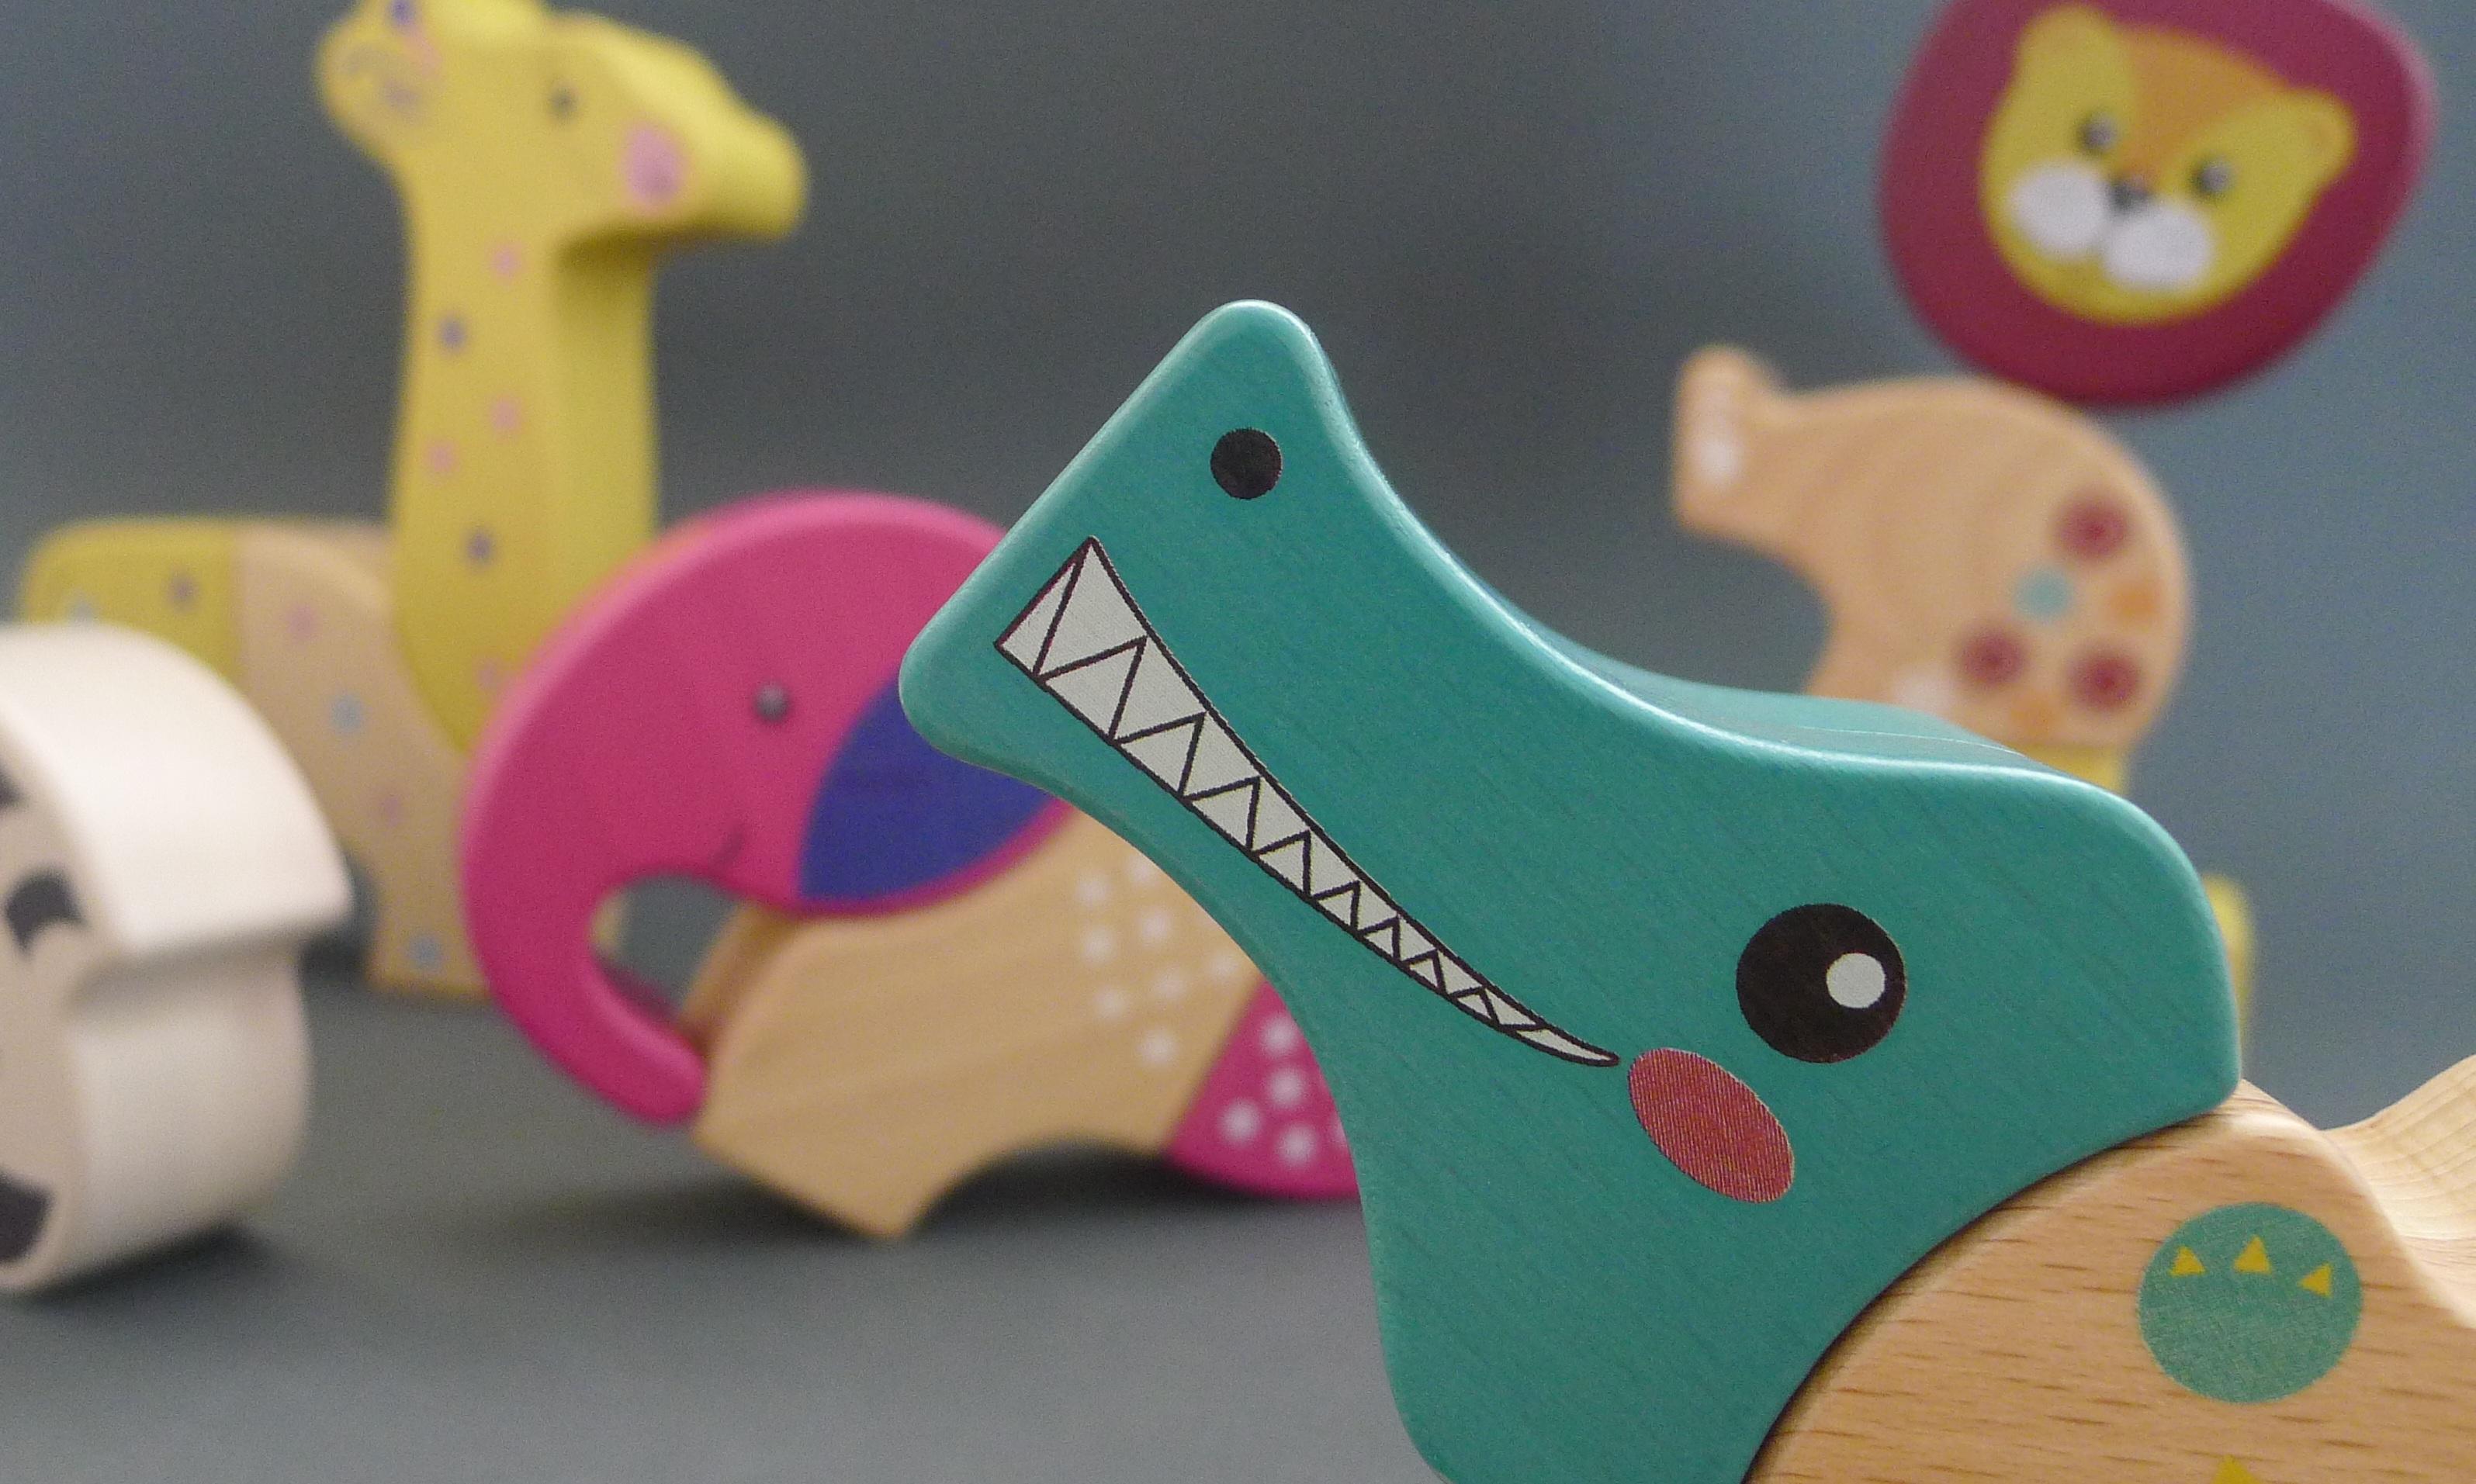 Украинский стартап, который делает деревянные игрушки собрал $37 тыс. на Kickstarter